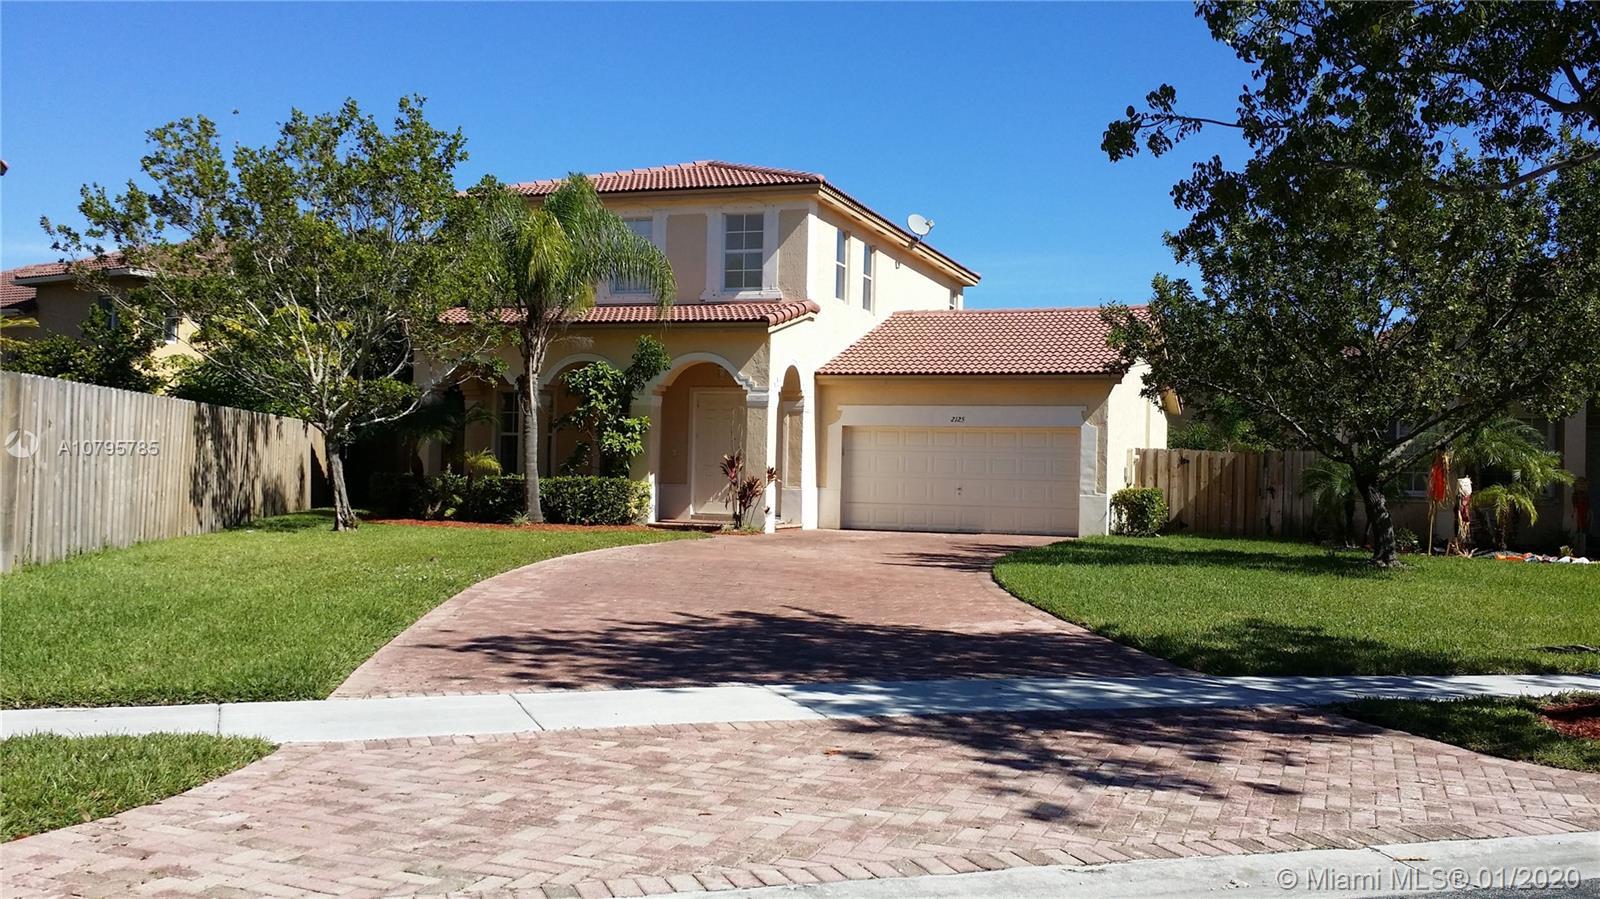 2125 NE 40 AV, Homestead, FL 33033 - Homestead, FL real estate listing